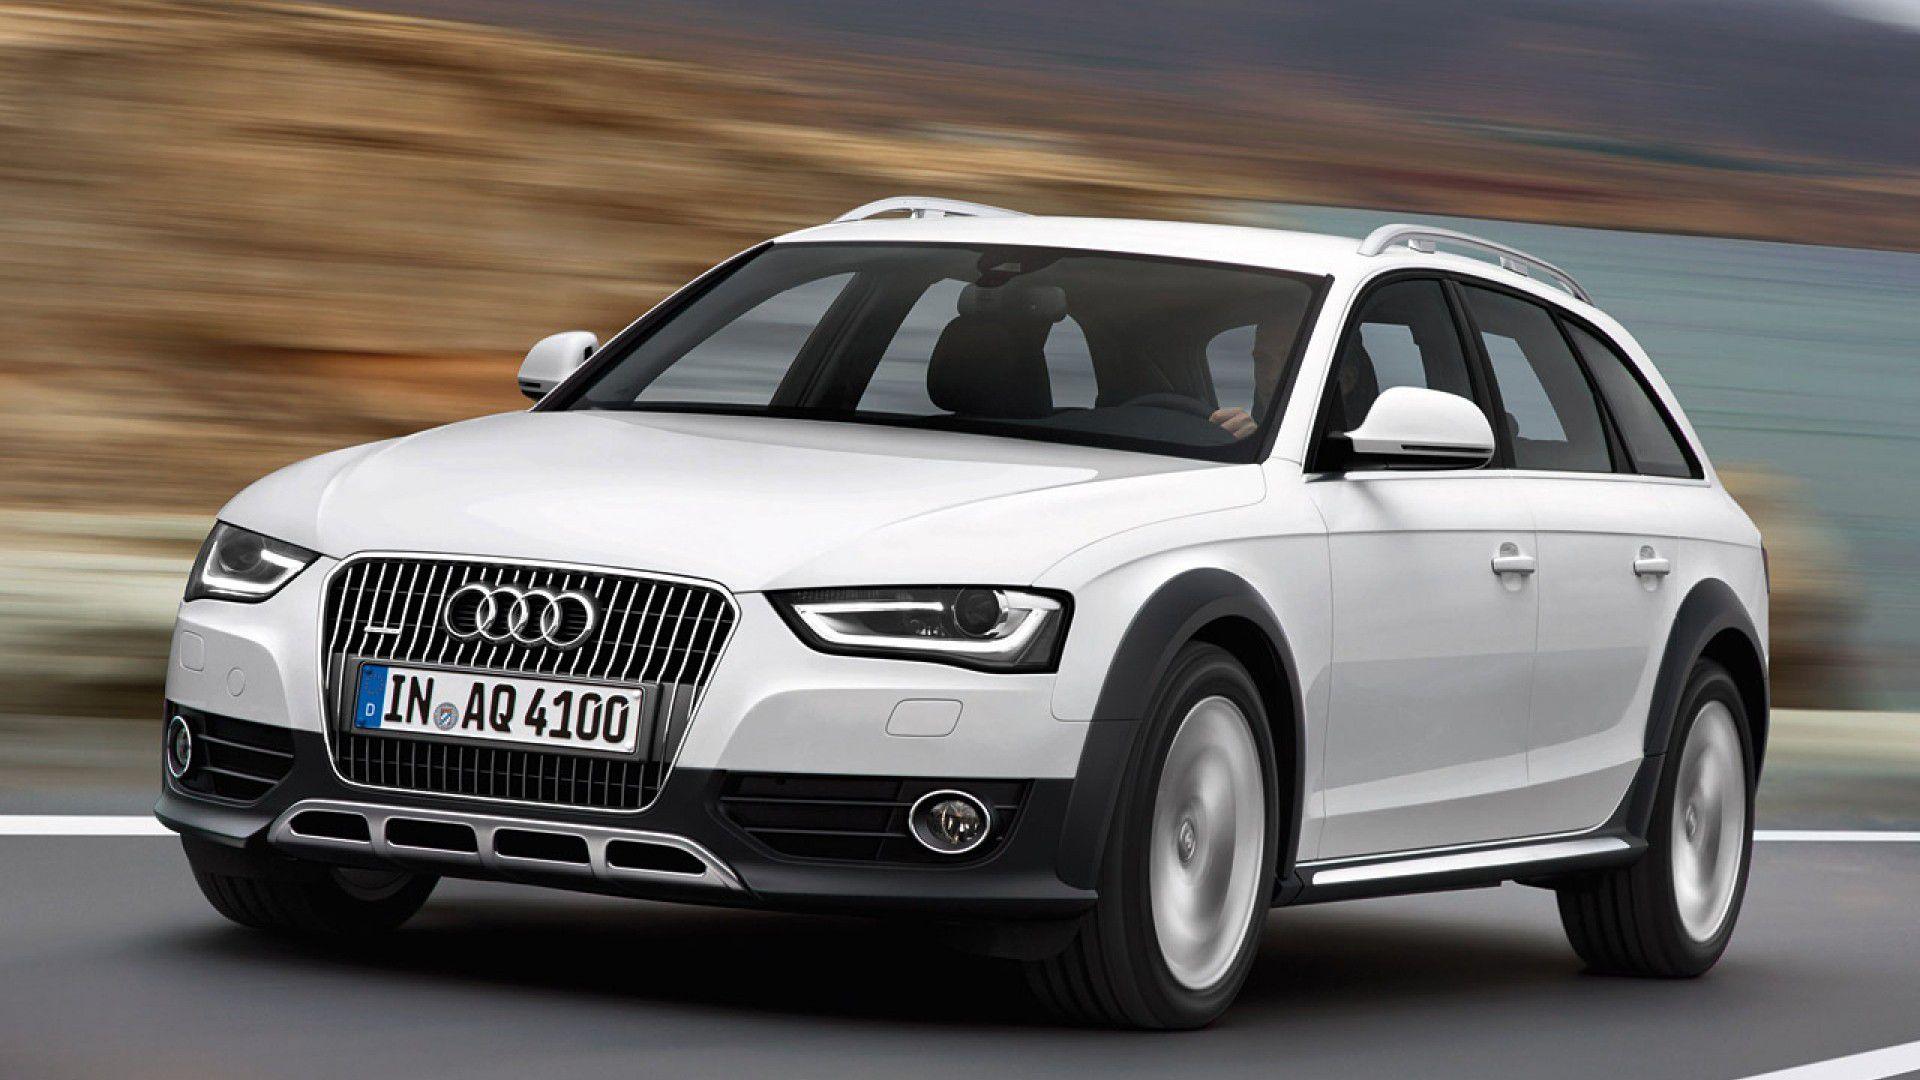 Audi A6 Allroad quattro (2005 to Present)